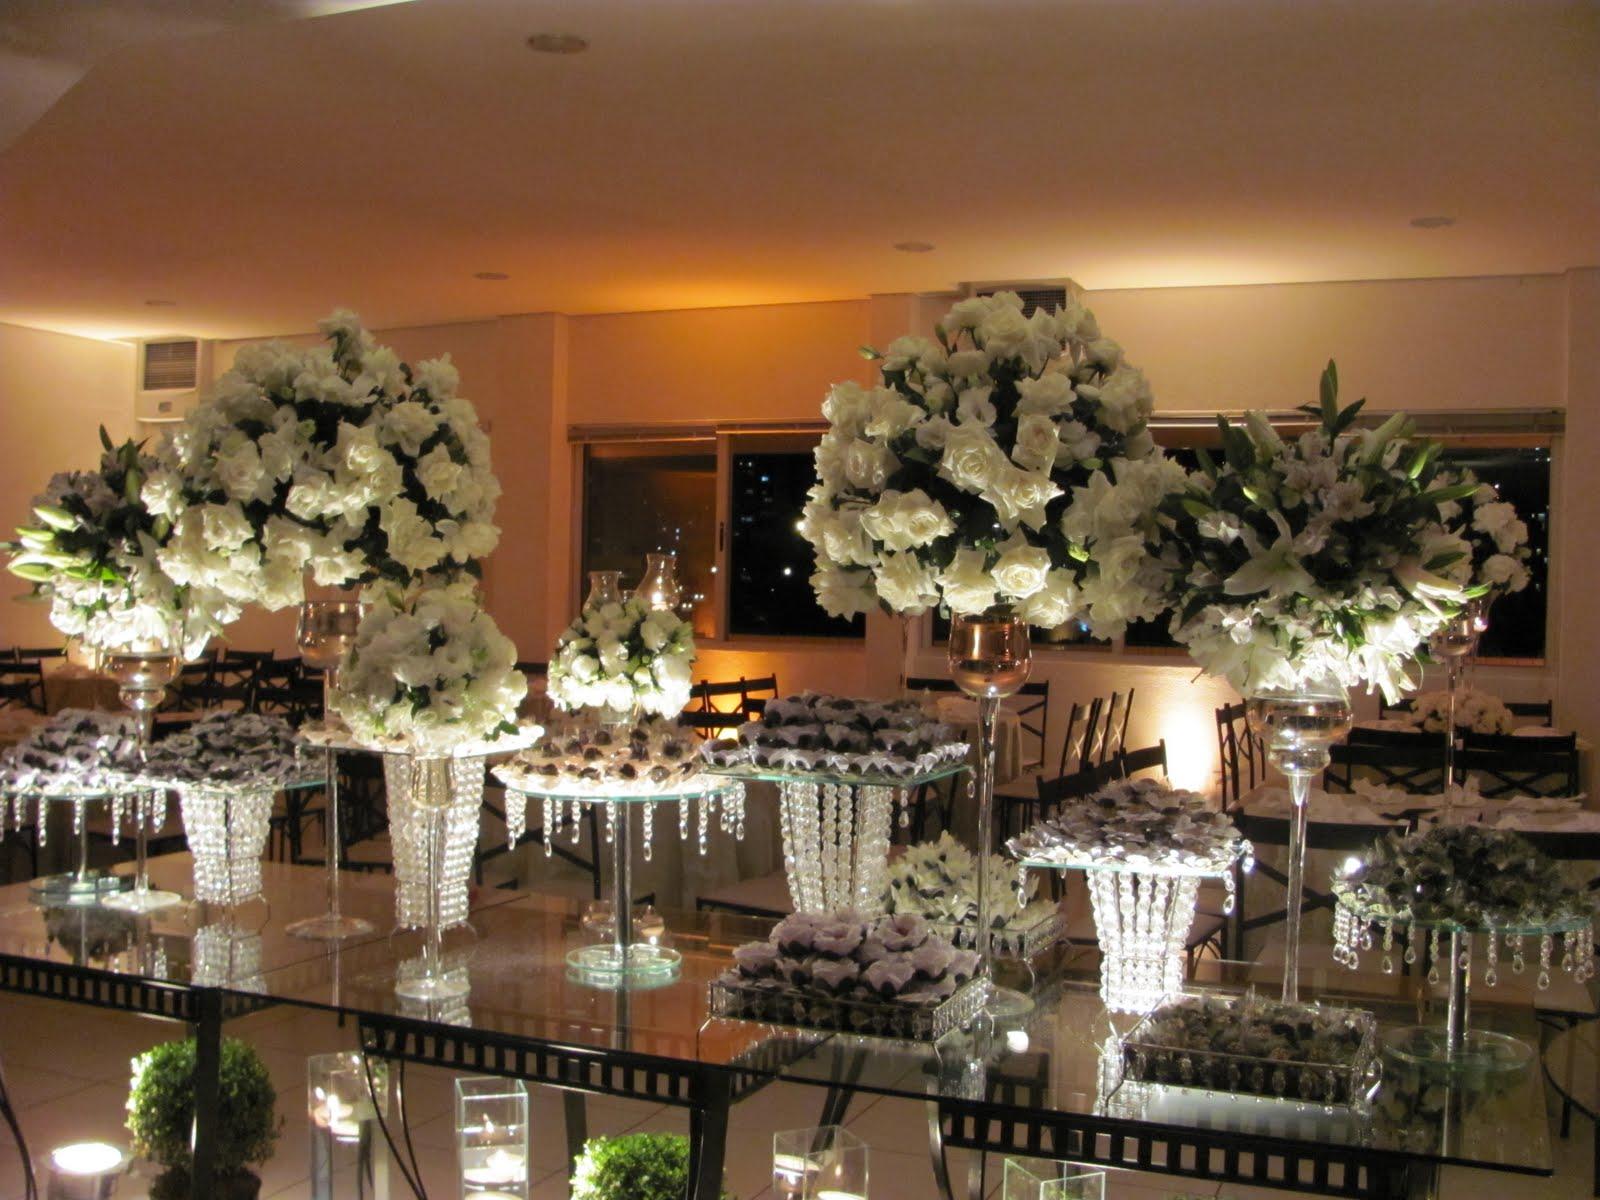 decoracao branca casamento:Recanto das Flores: Decoração casamento Atrium recepções